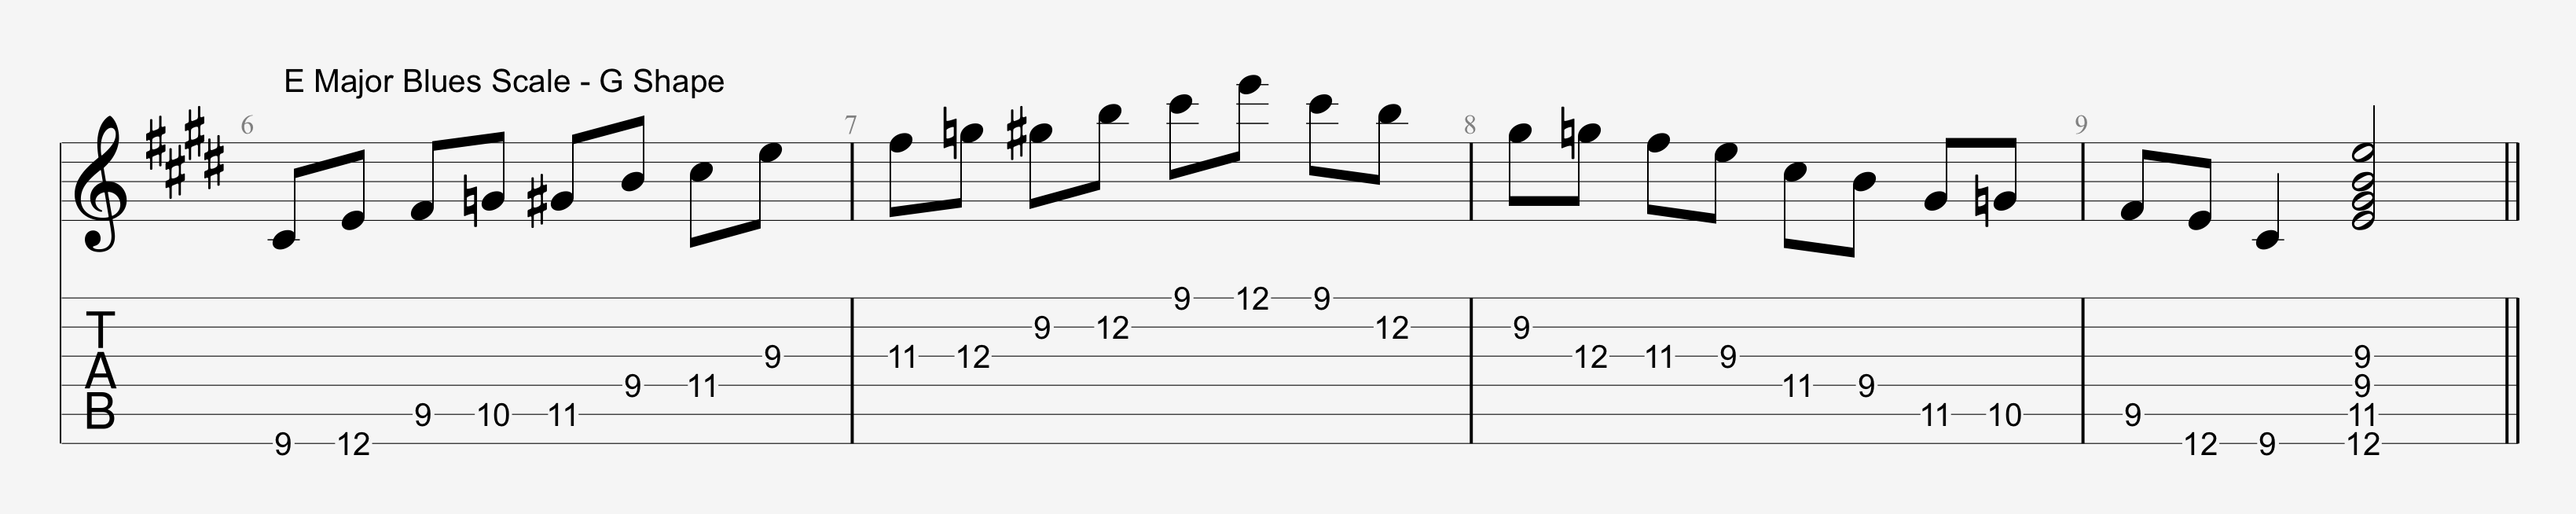 E Major Blues Scale - G Position Notation - AmarGuitar